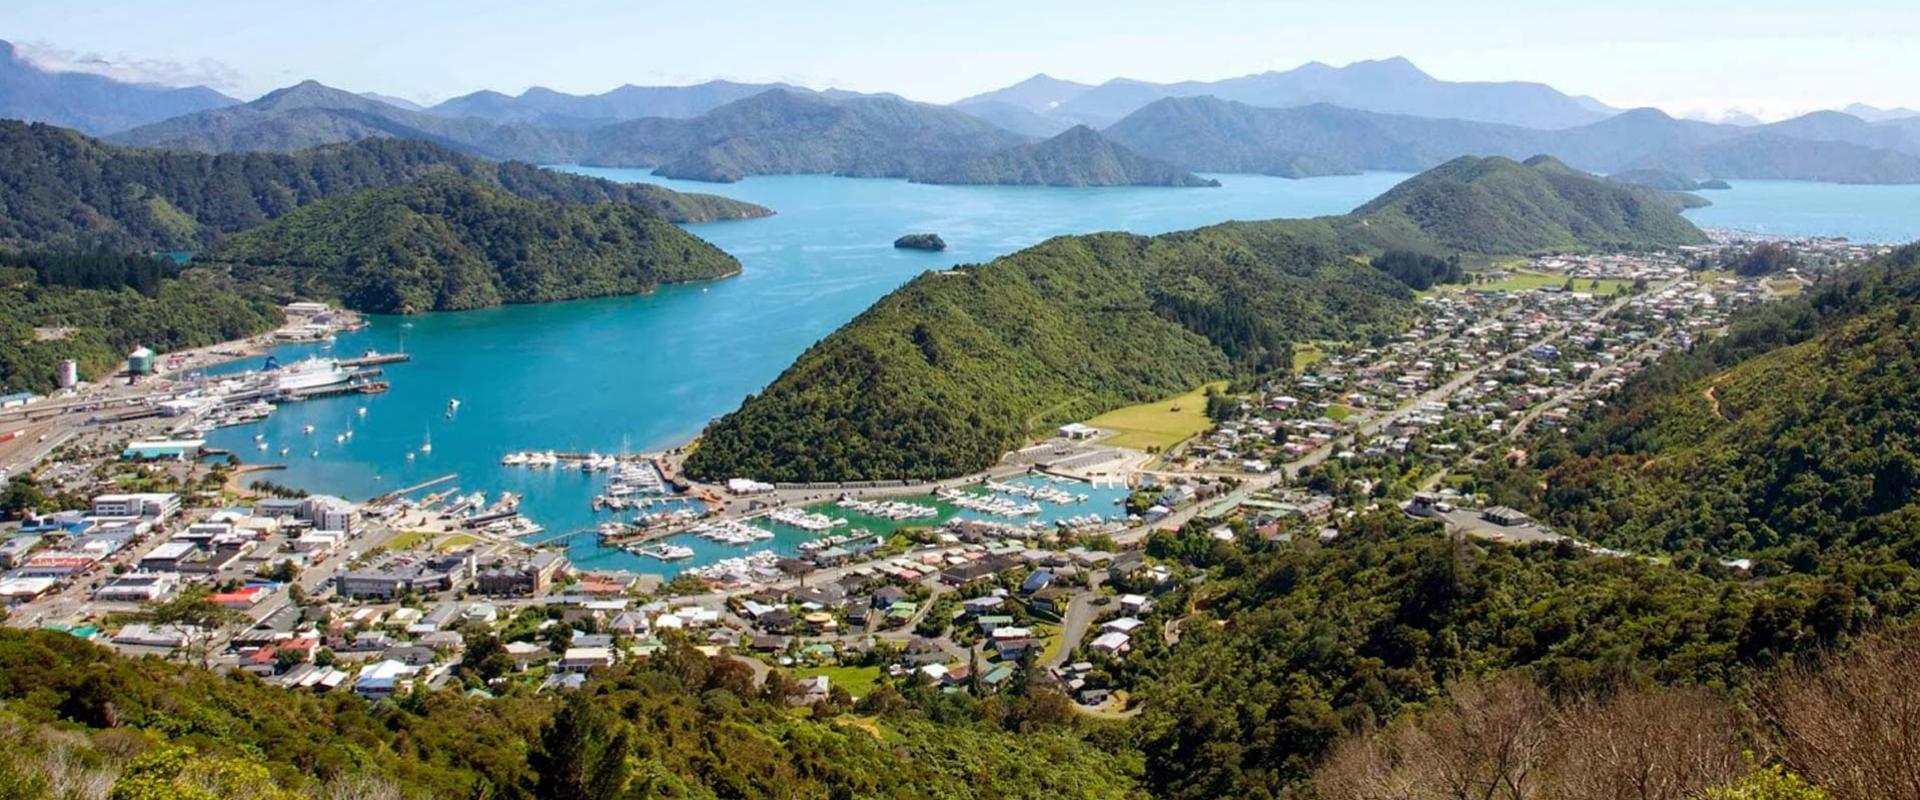 Landscape view of Picton harbour